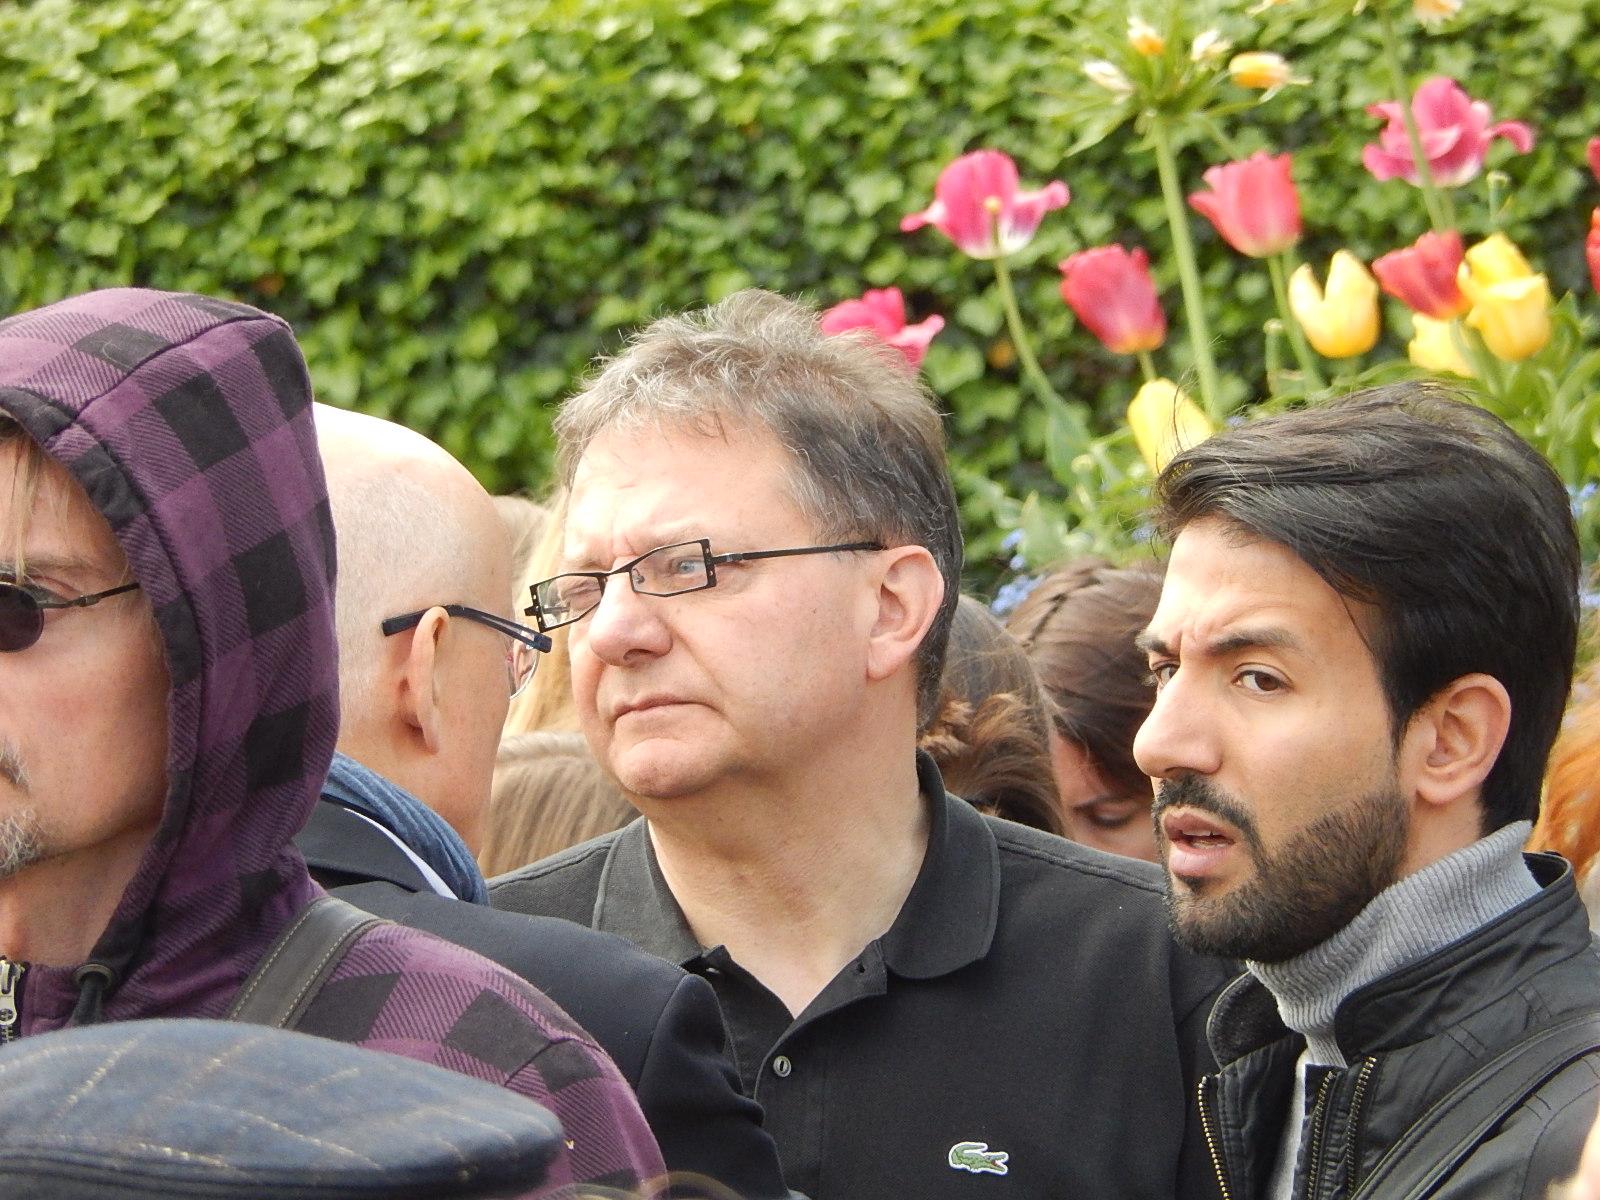 Alain_Jund_adjoint_CUS_ou écolo_faut_choisir_f2c_photo